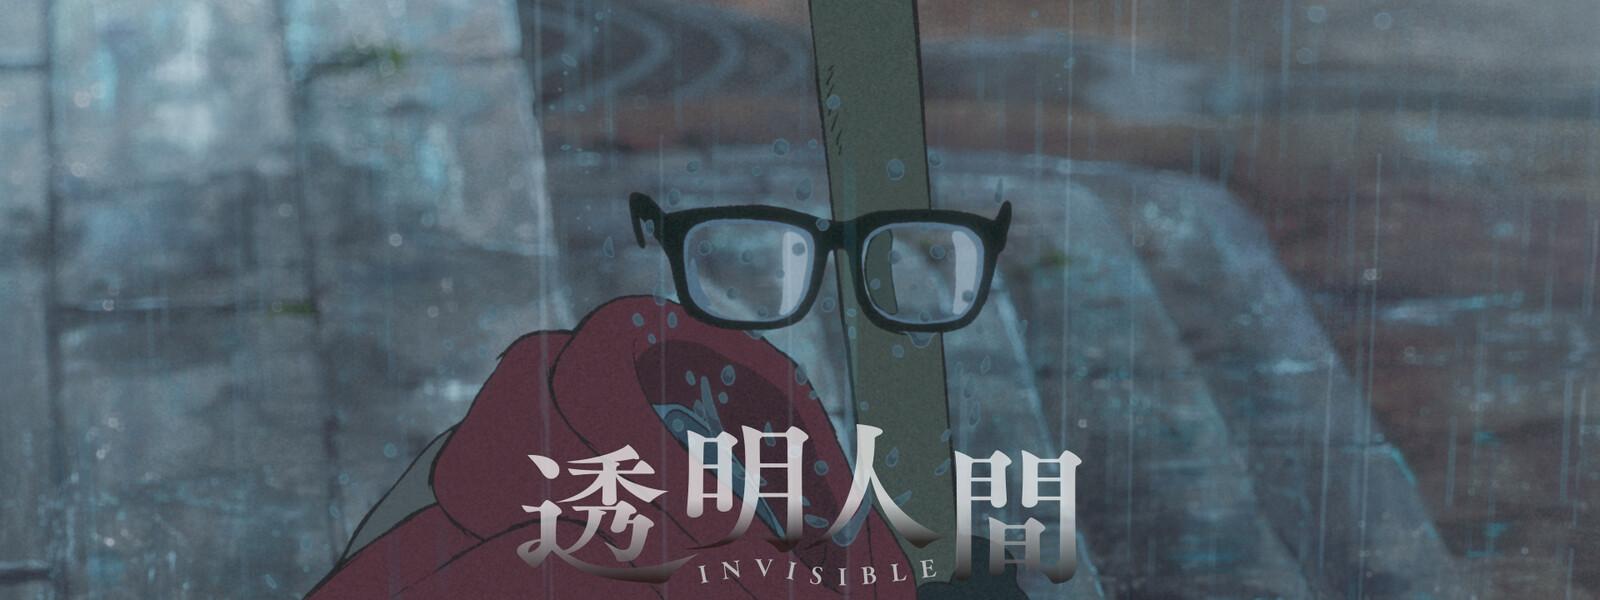 透明人間(2018)の動画 - ちいさな英雄 -カニとタマゴと透明人間-